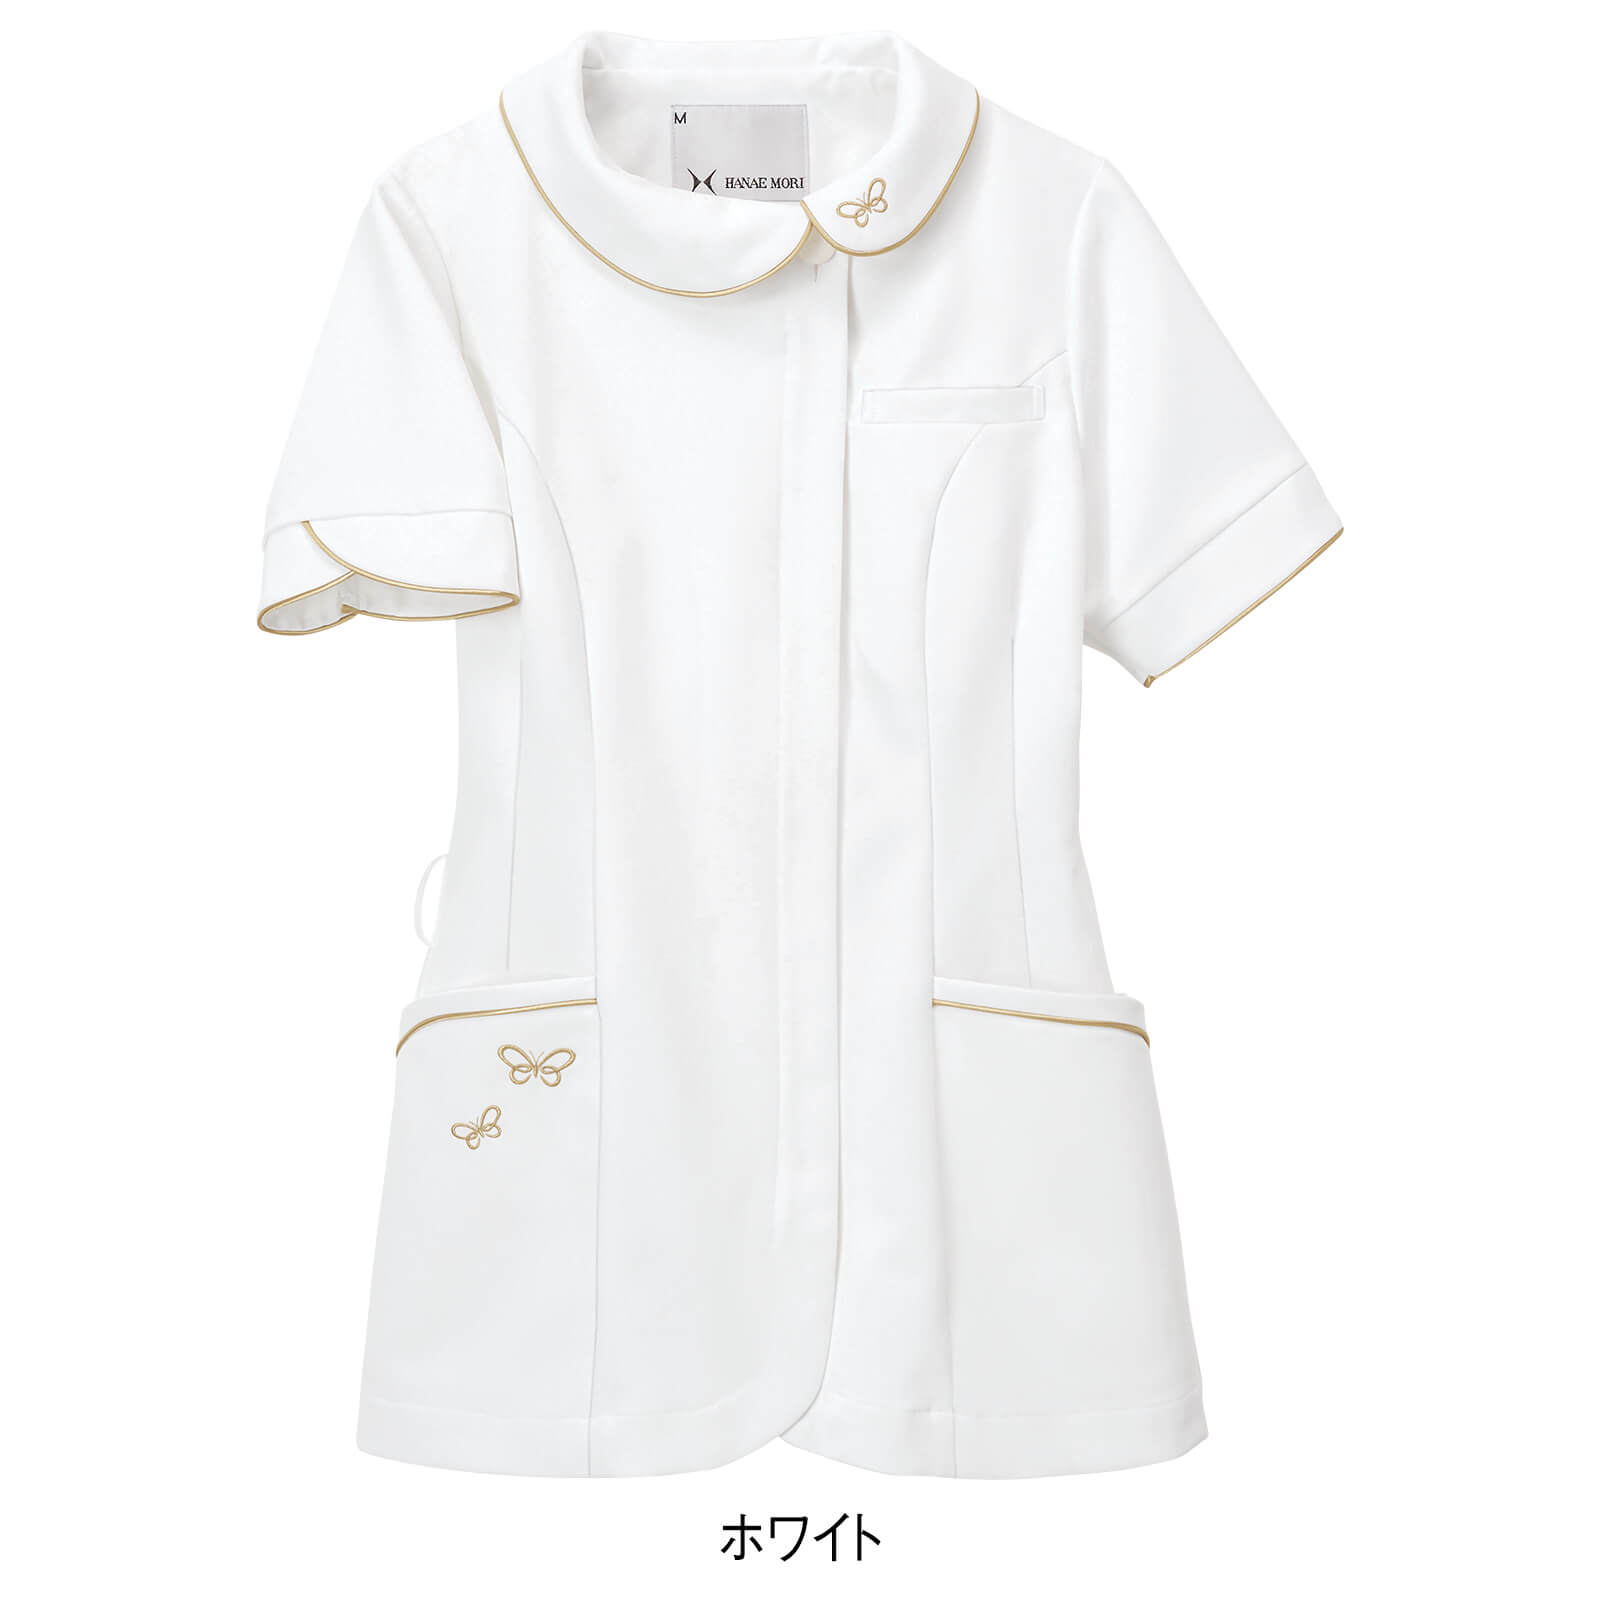 ・ブランド白衣(ジャケット/チュニック)